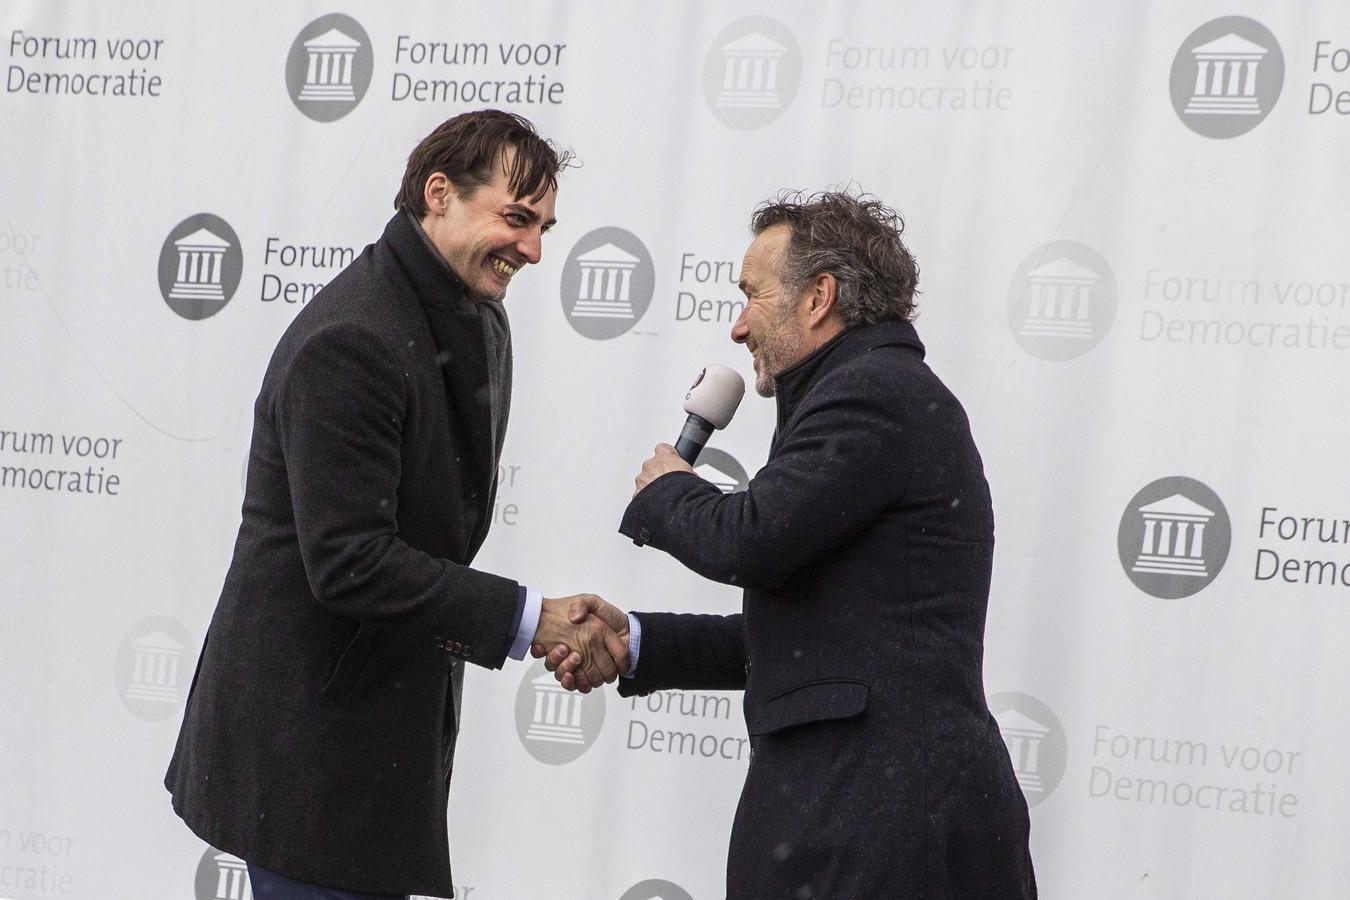 Thierry Baudet en Wybren van Haga tijdens de campagnetour van FVD.